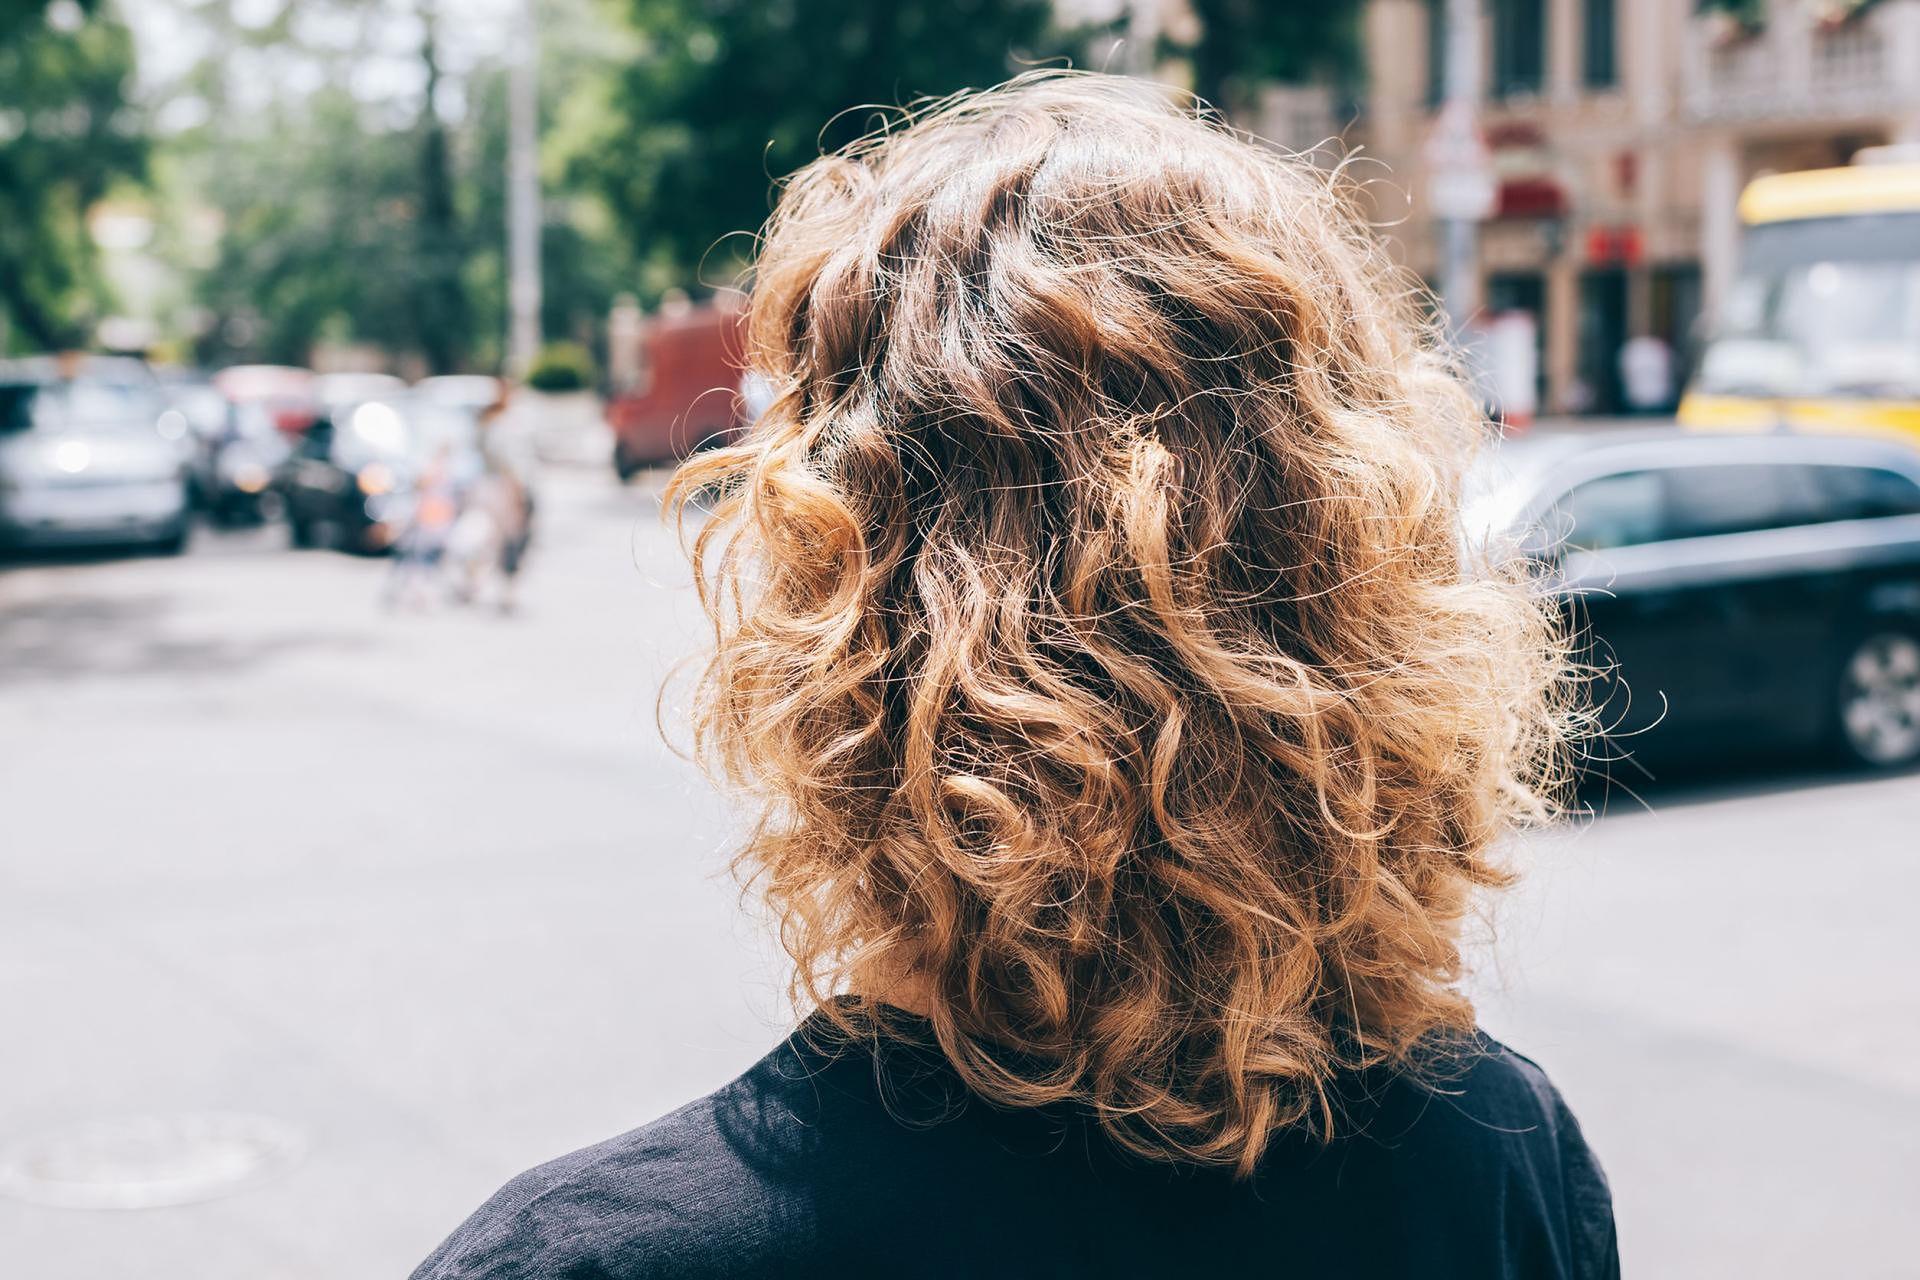 Fryzury Półdługie Fryzury Fryzury Dla Nastolatek Wp